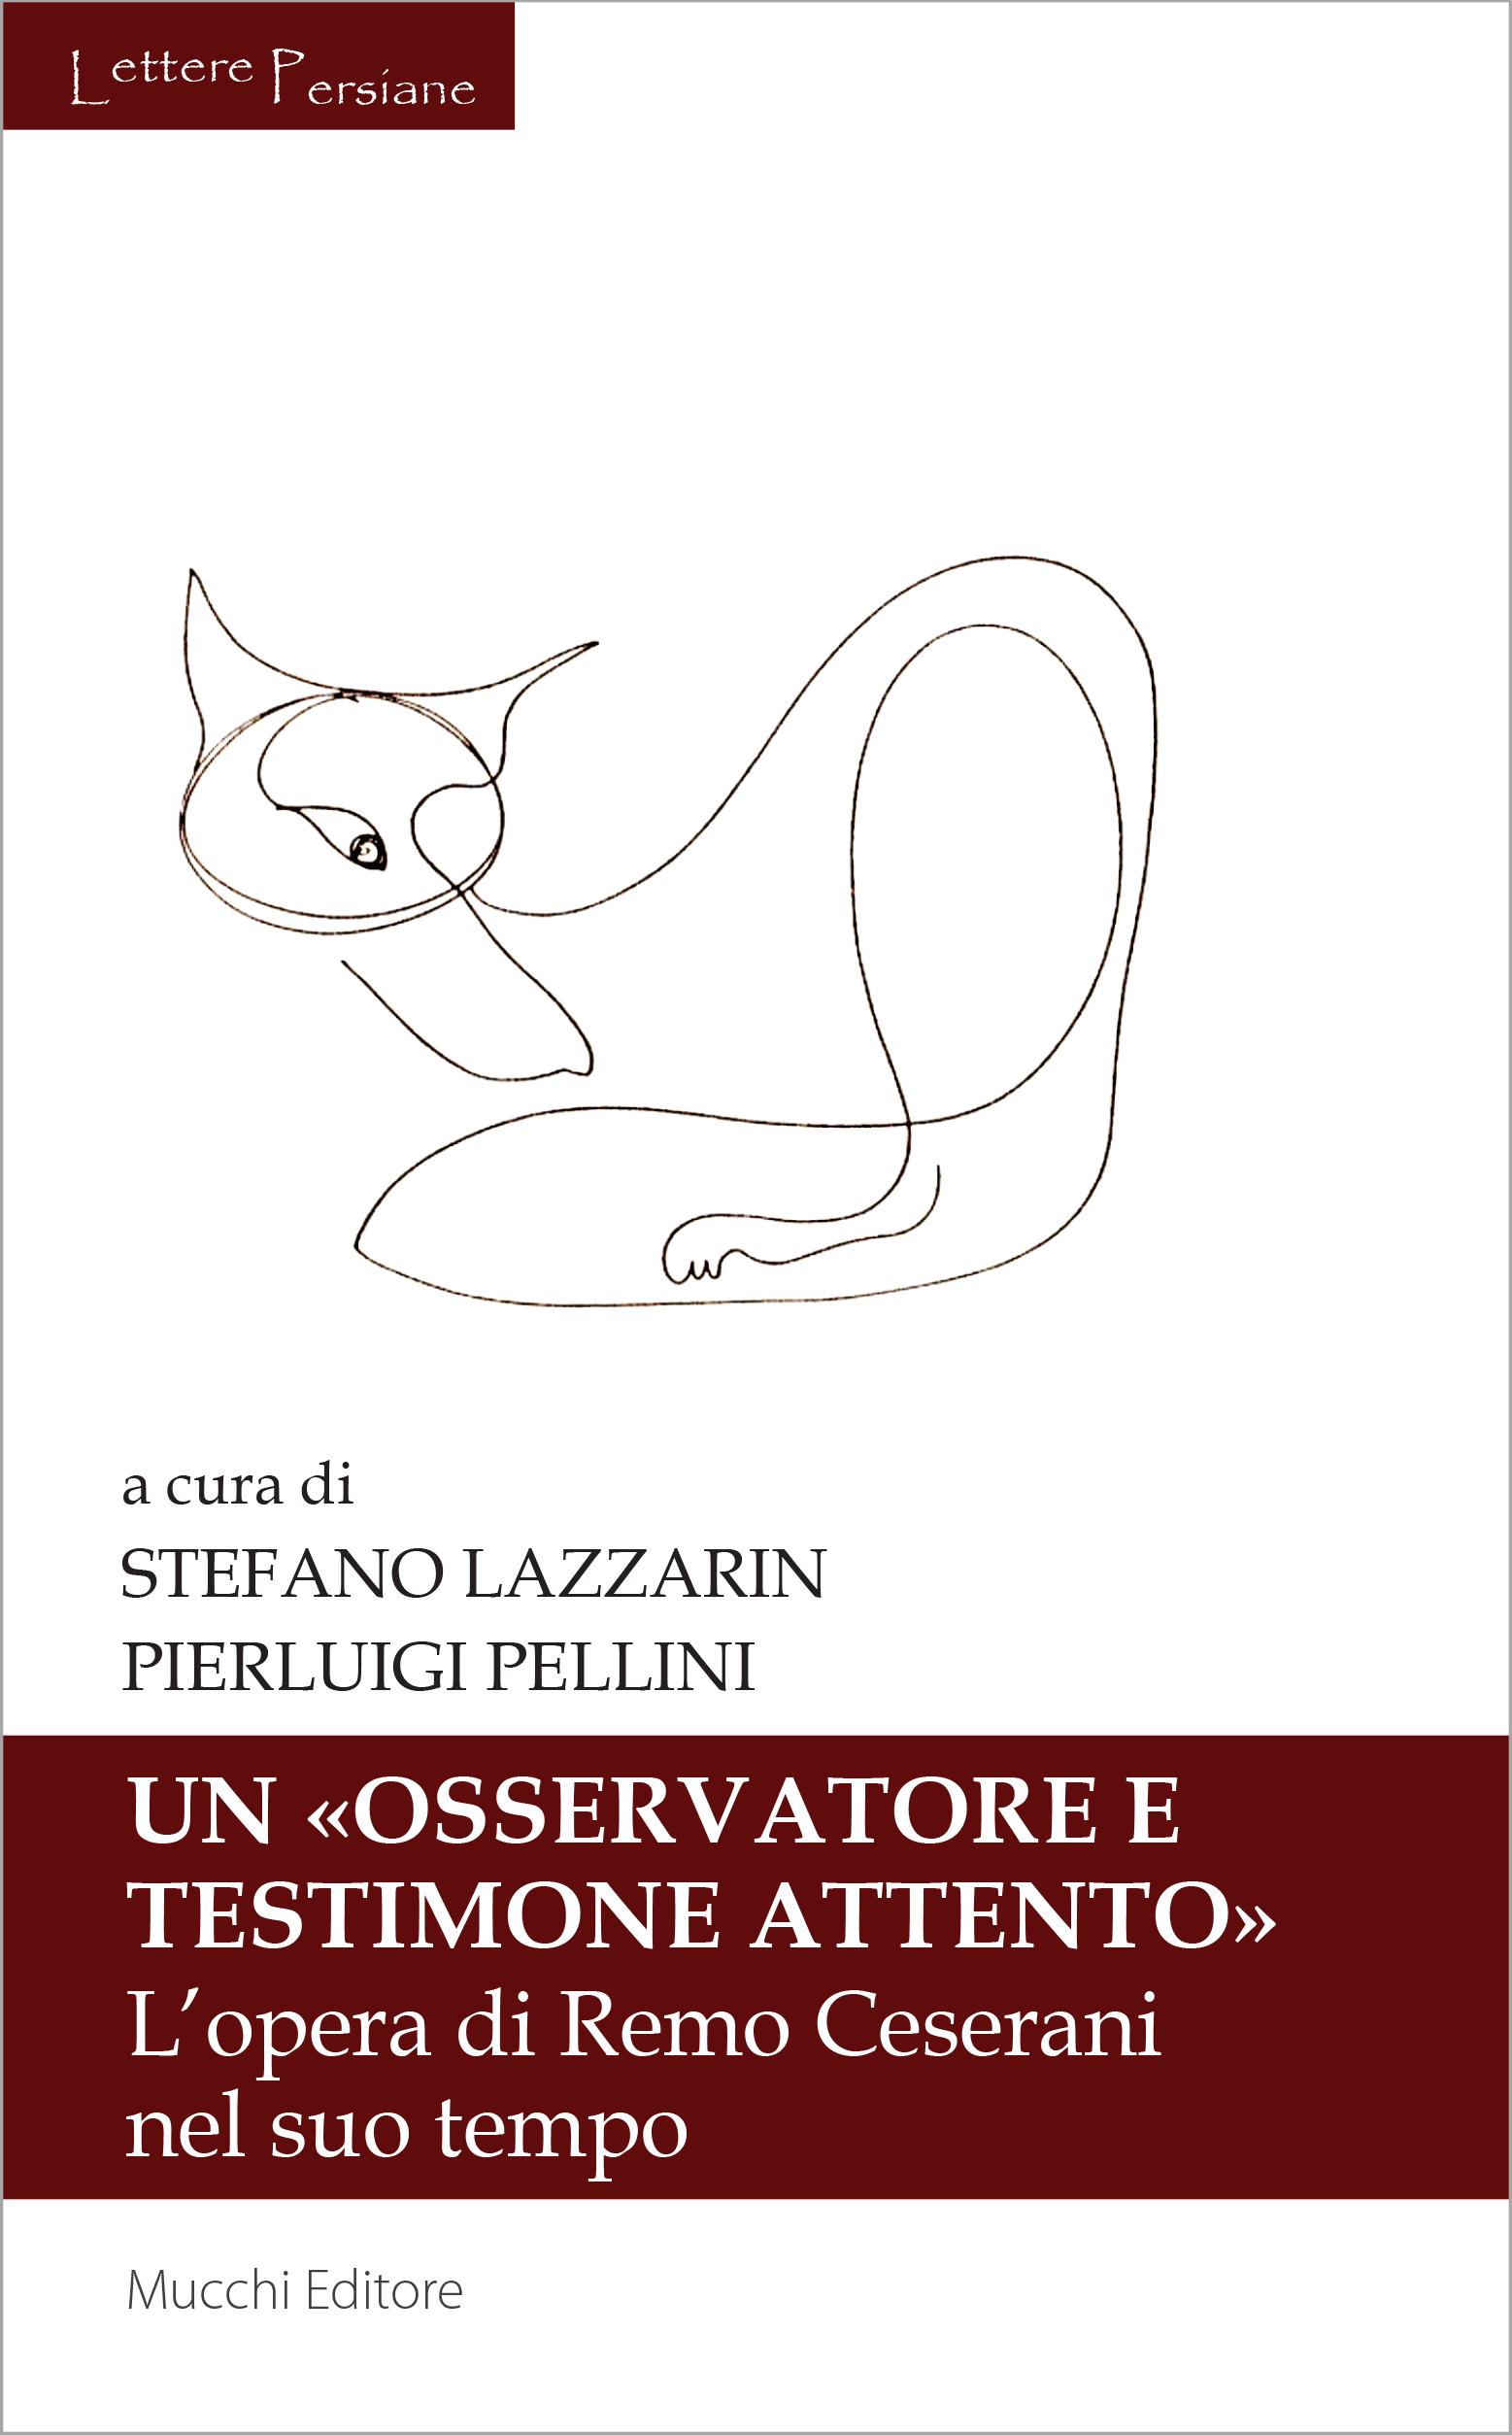 S. Lazzarin, P. Pellini (dir.), Un «osservatore e testimone attento». L'opera di Remo Ceserani nel suo tempo